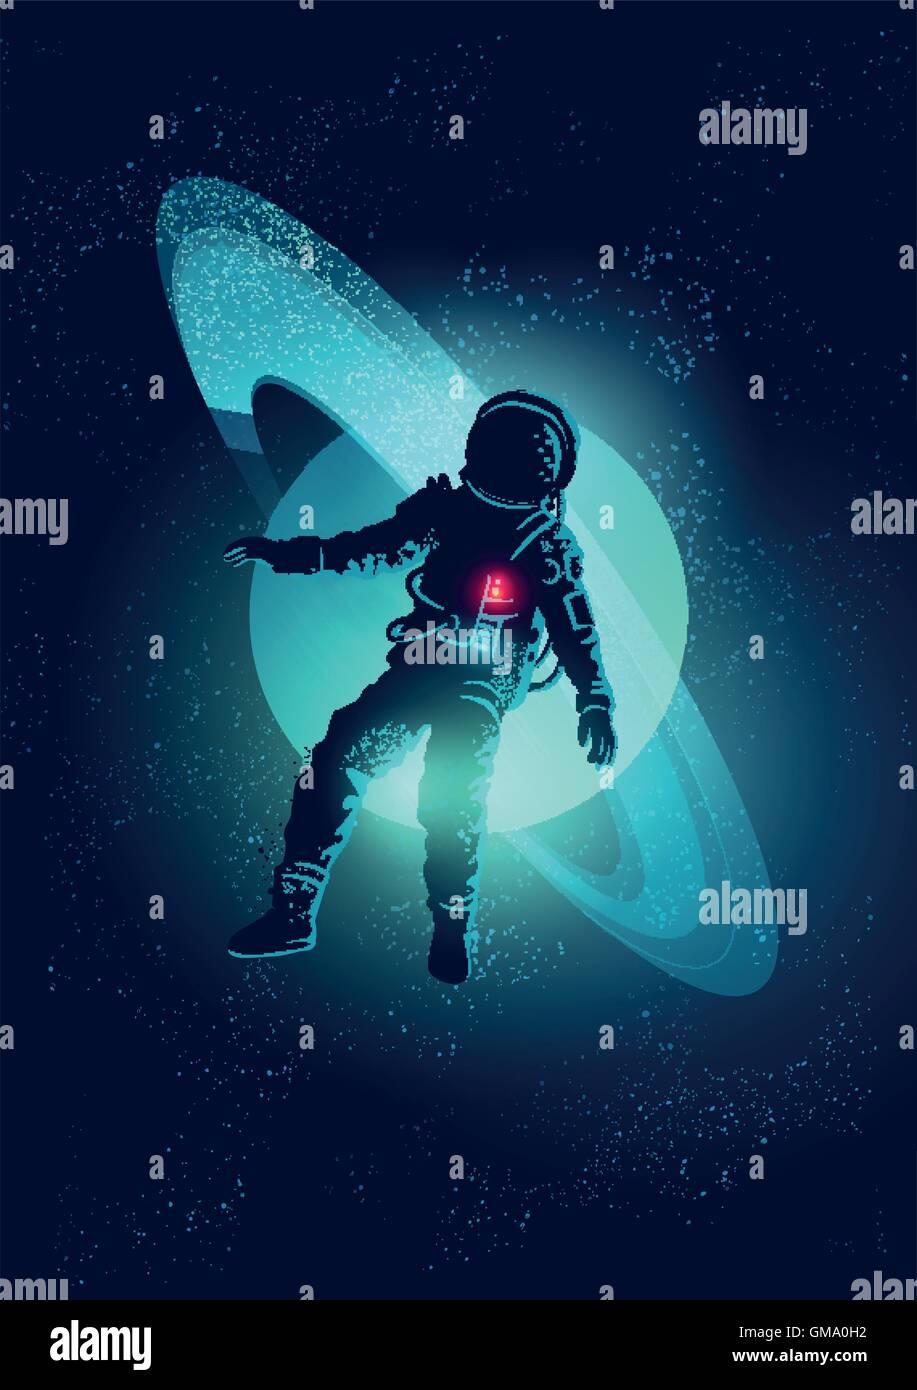 Un astronauta flotando en el espacio. Ilustración vectorial Imagen De Stock